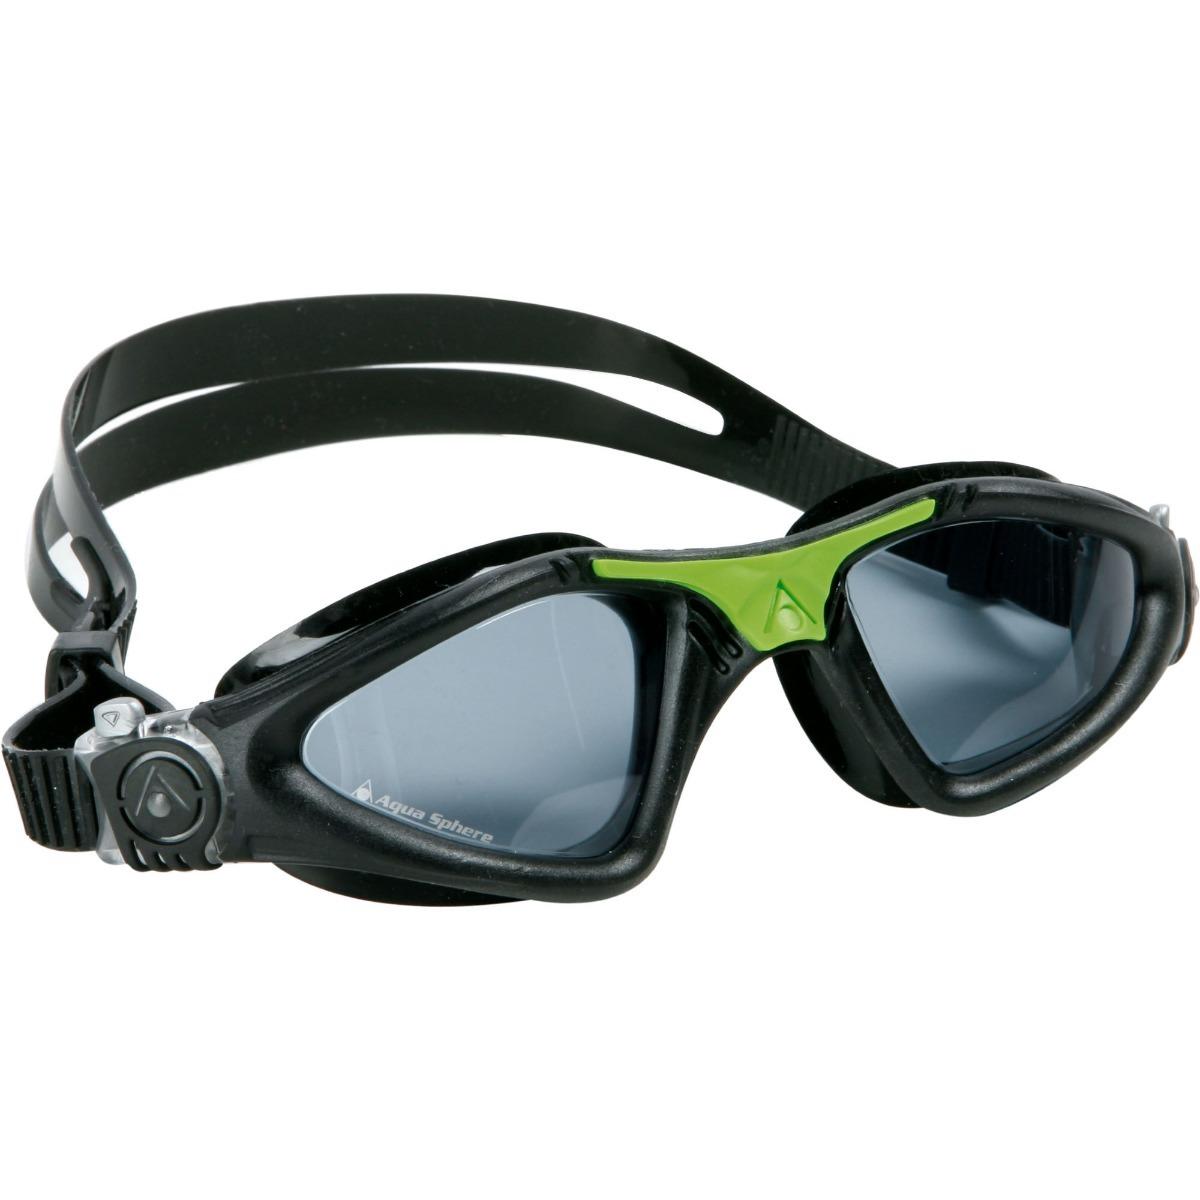 7fcb02e38 óculos de natação aqua sphere kayenne lente fumê opu transp. Carregando  zoom.